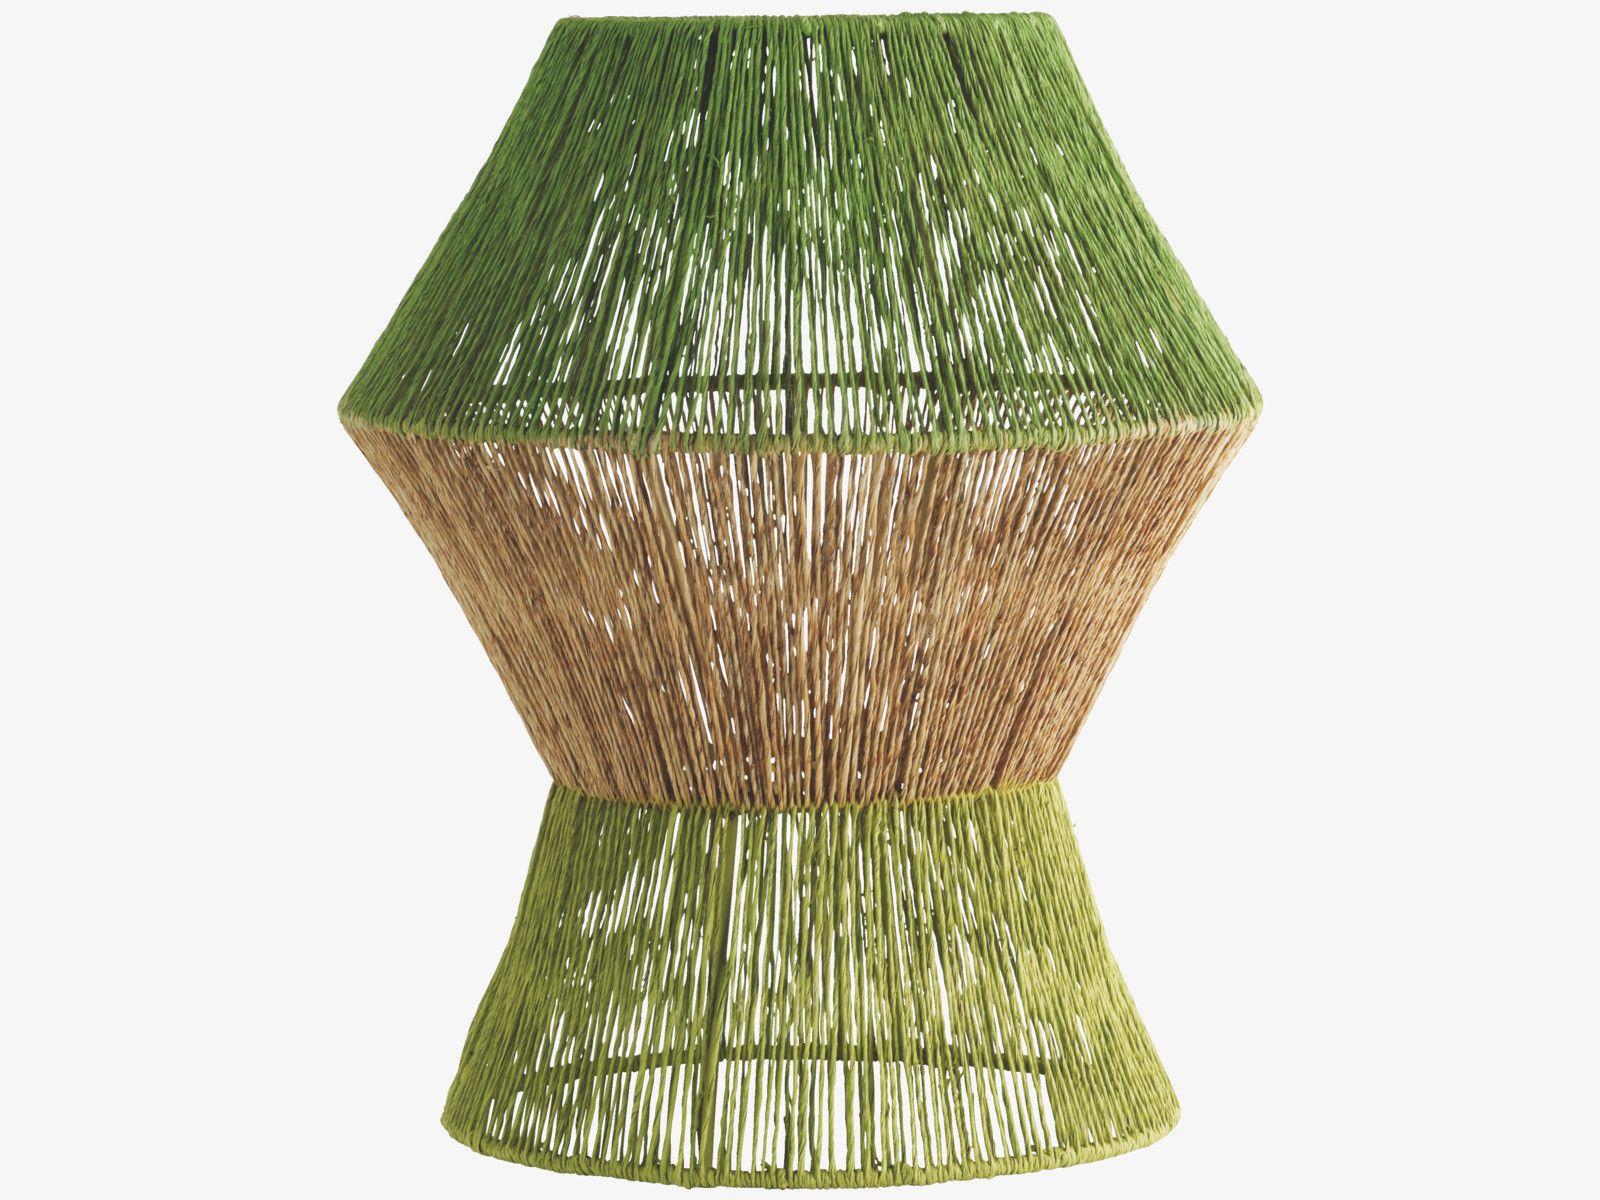 EVIE GREENS Jute Green jute table lamp HabitatUK Jute